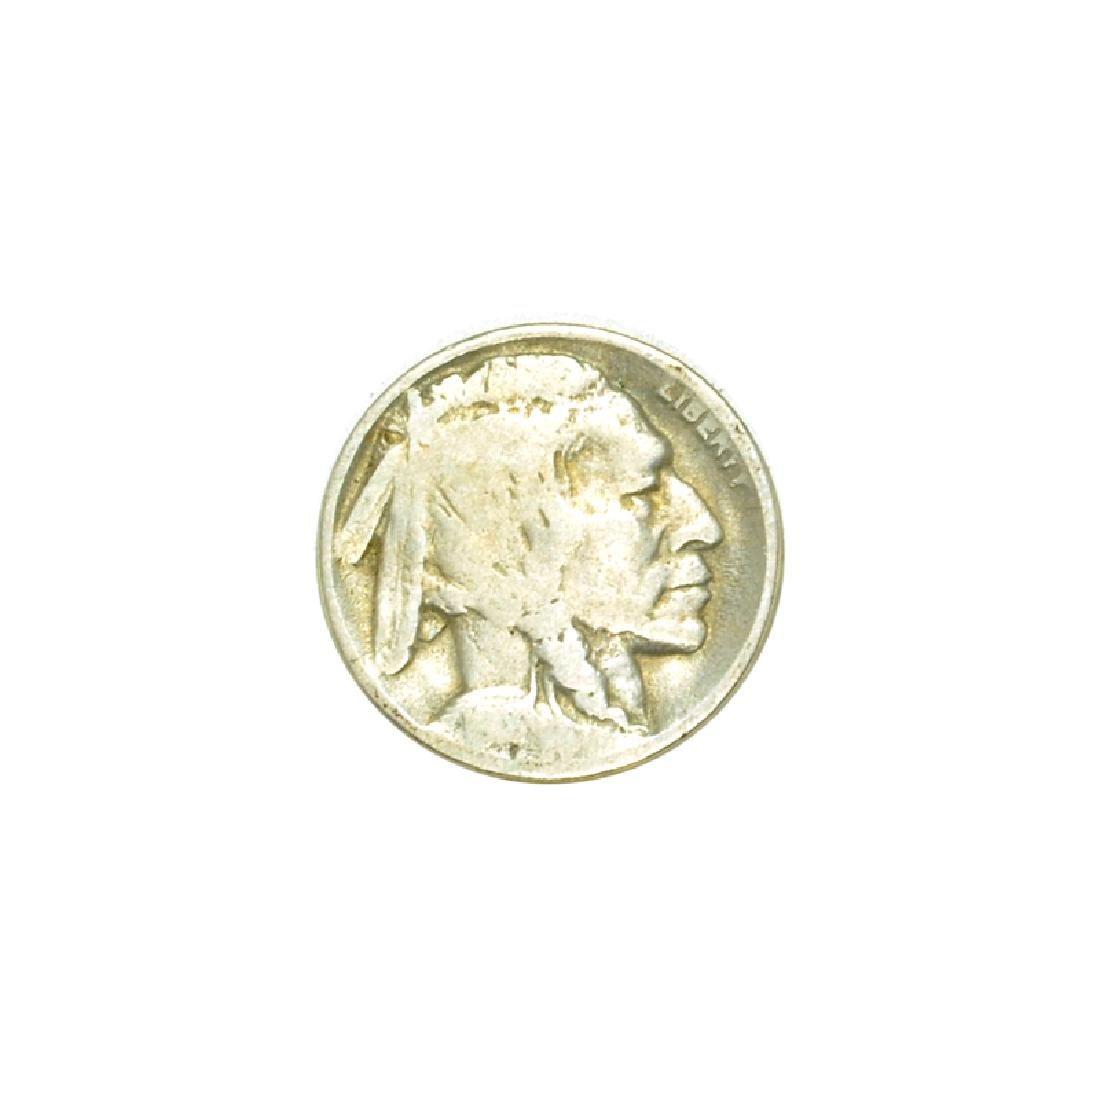 1918-D Rare Buffalo Nickel Coin